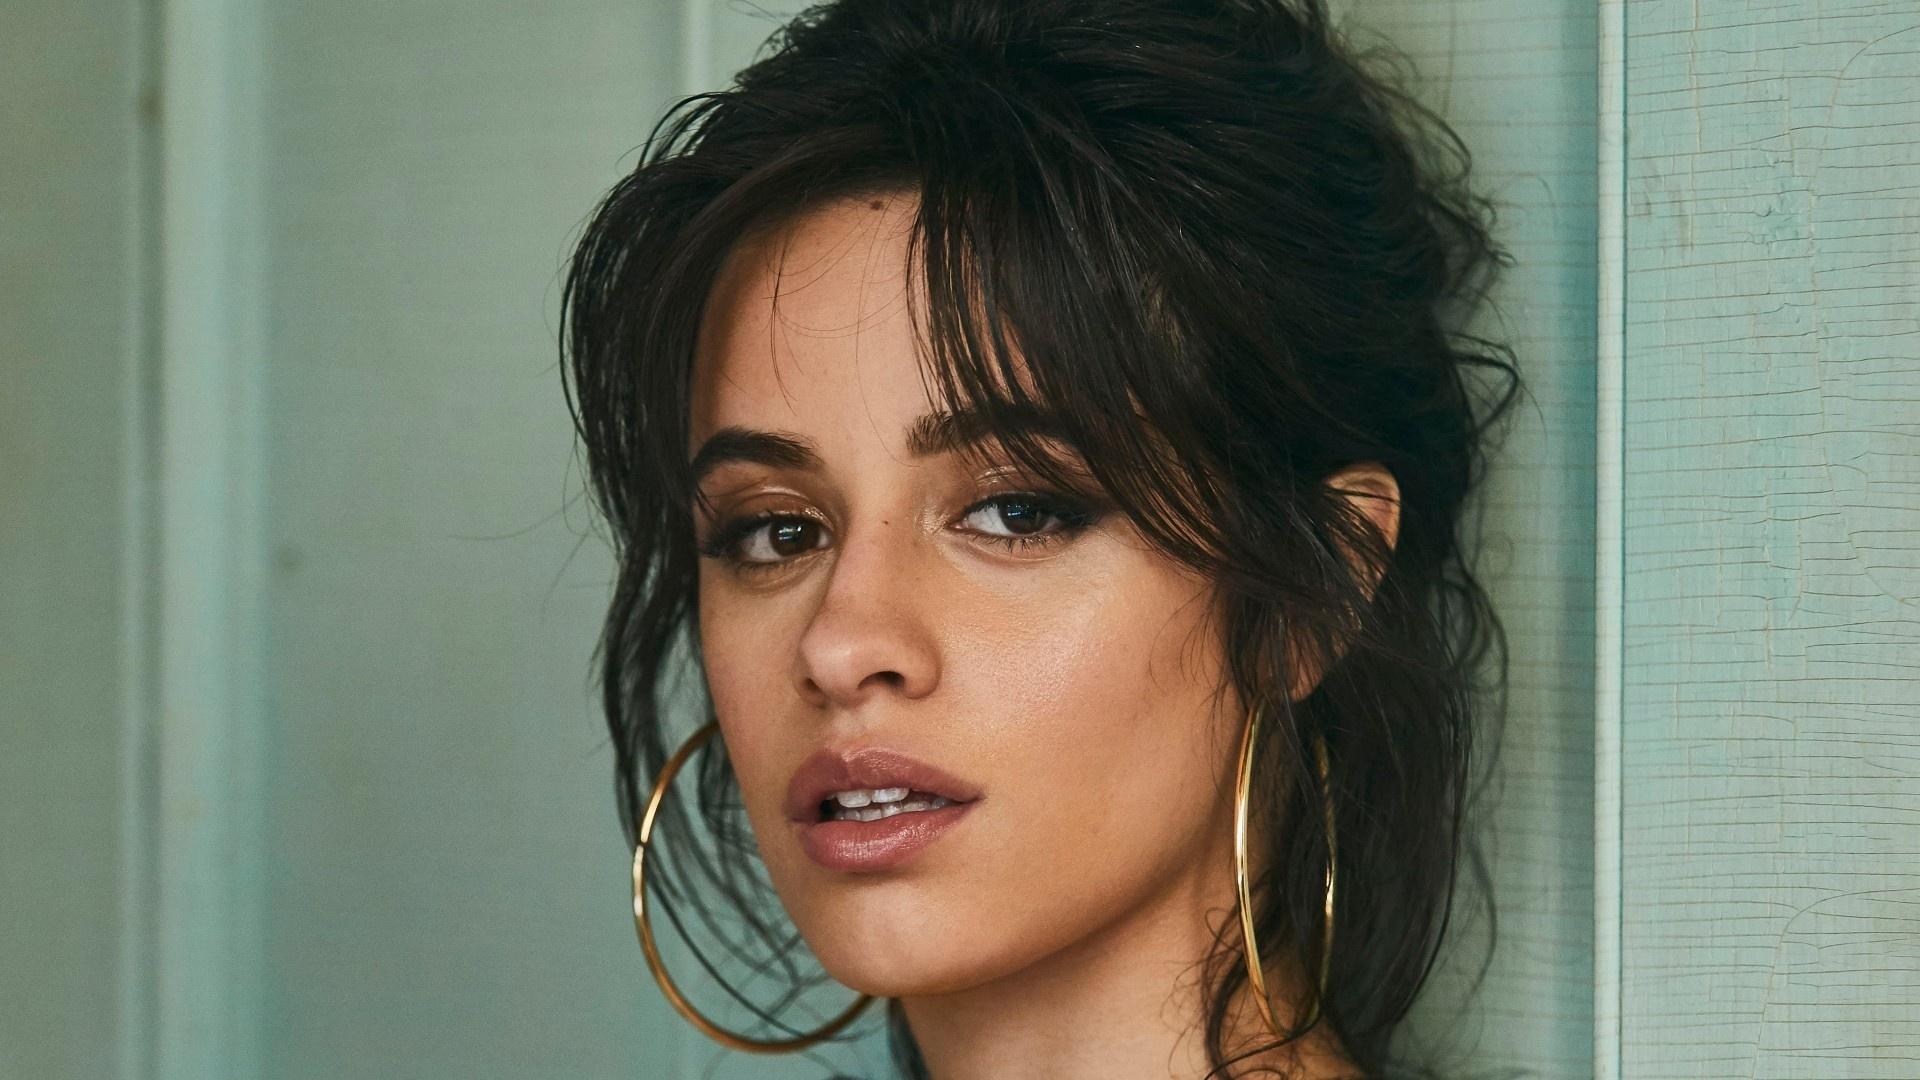 Camila Cabello Wallpaper Picture hd